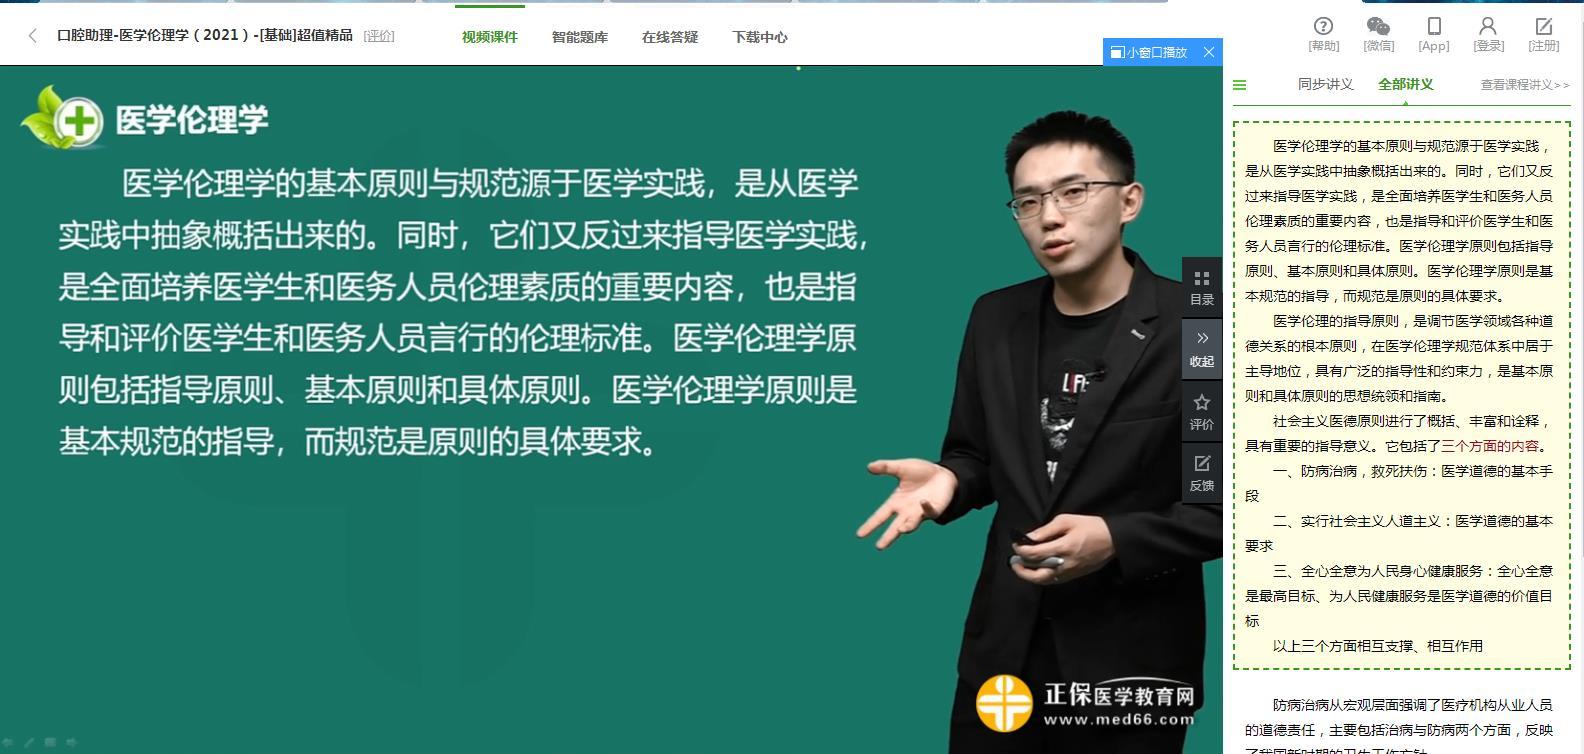 2021年口腔执业助理医师《医学伦理学》网络课免费试听——俞庆东